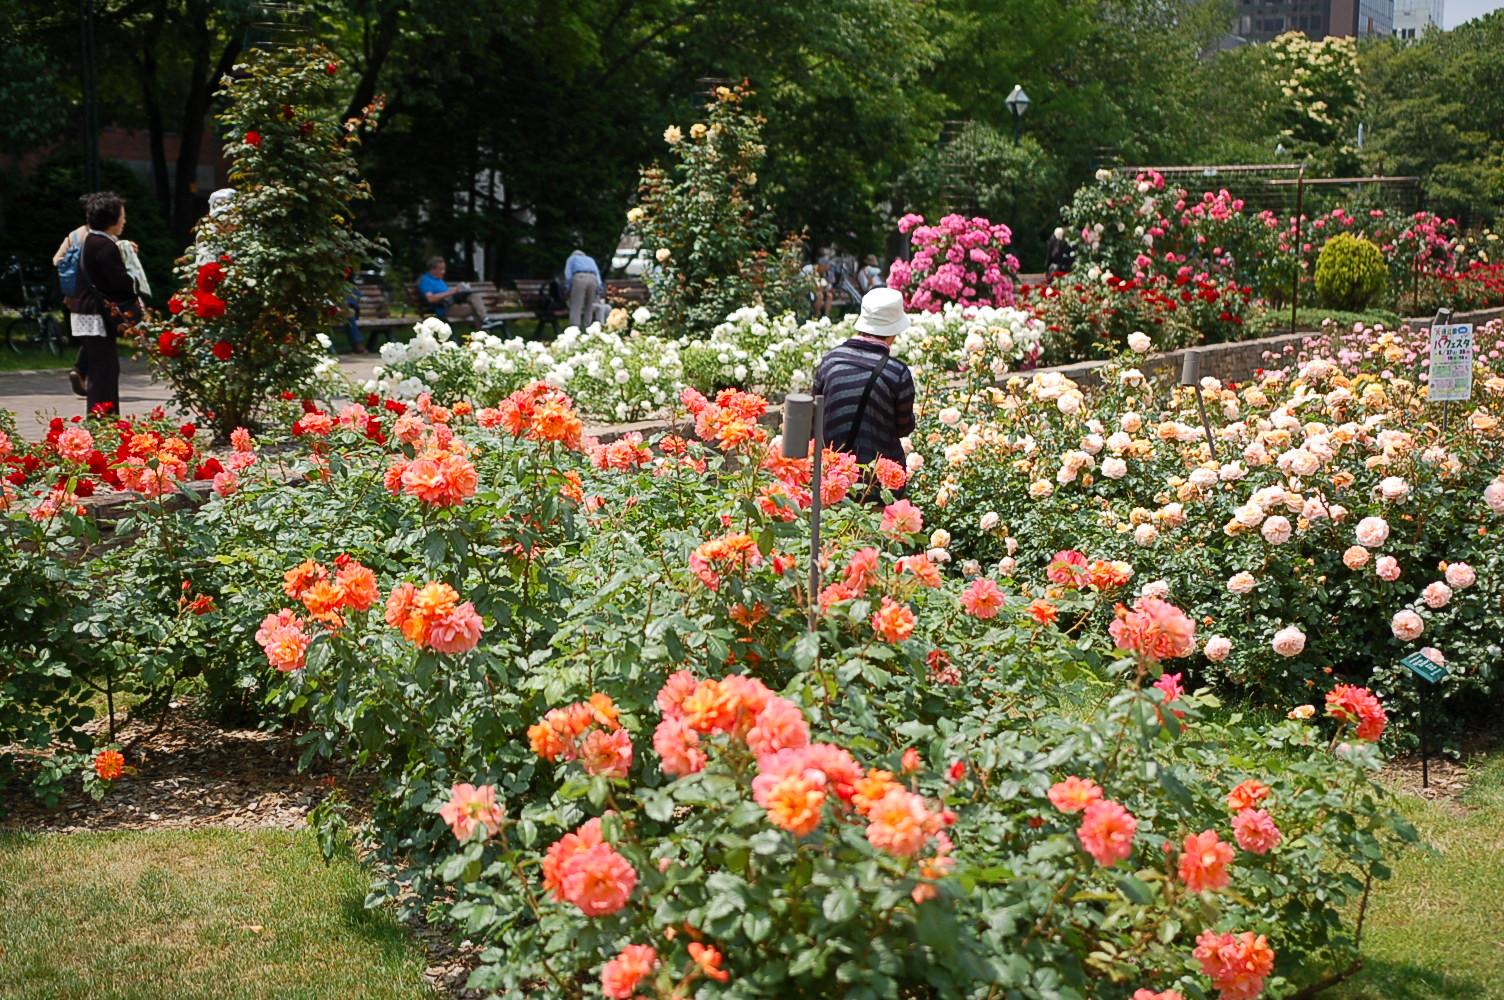 大通公園ではバラが見ごろを迎えています!